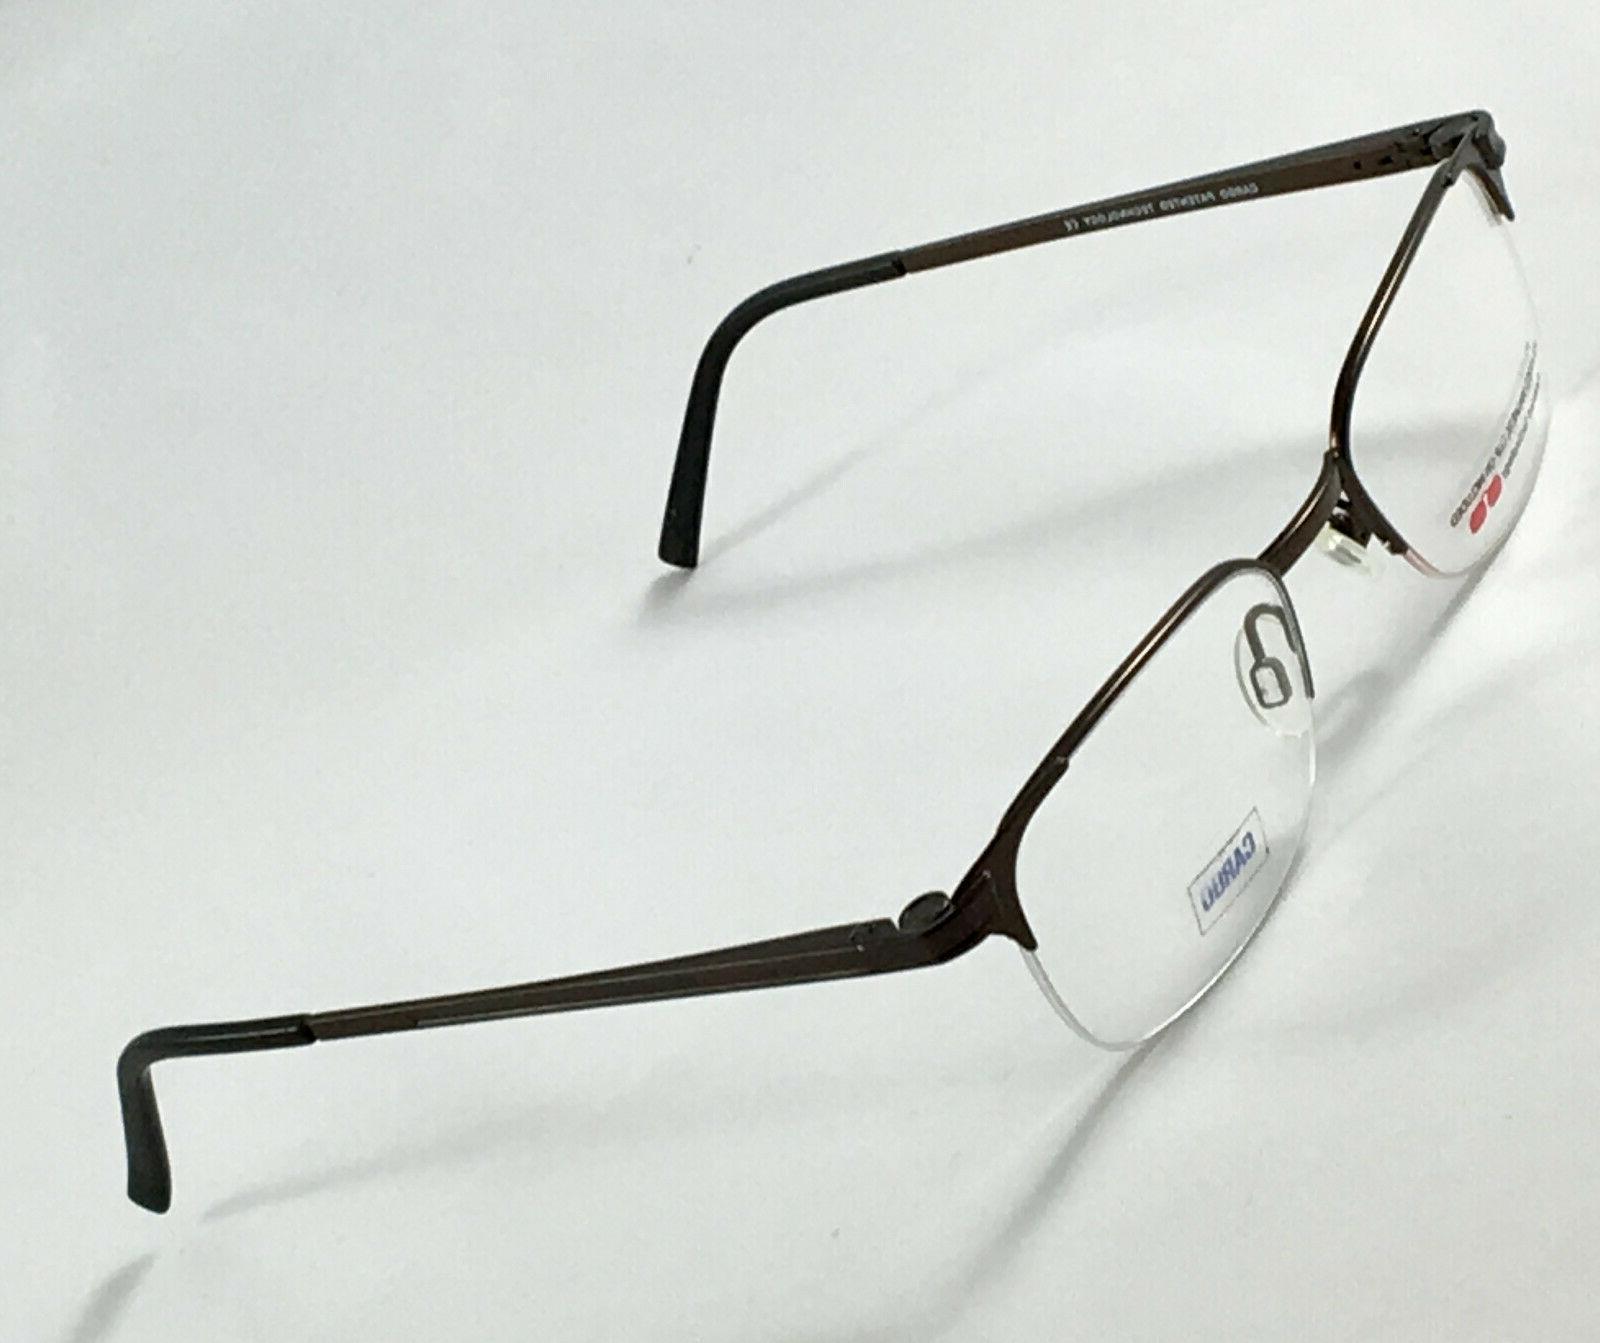 new 5037 10 men s eyeglasses w